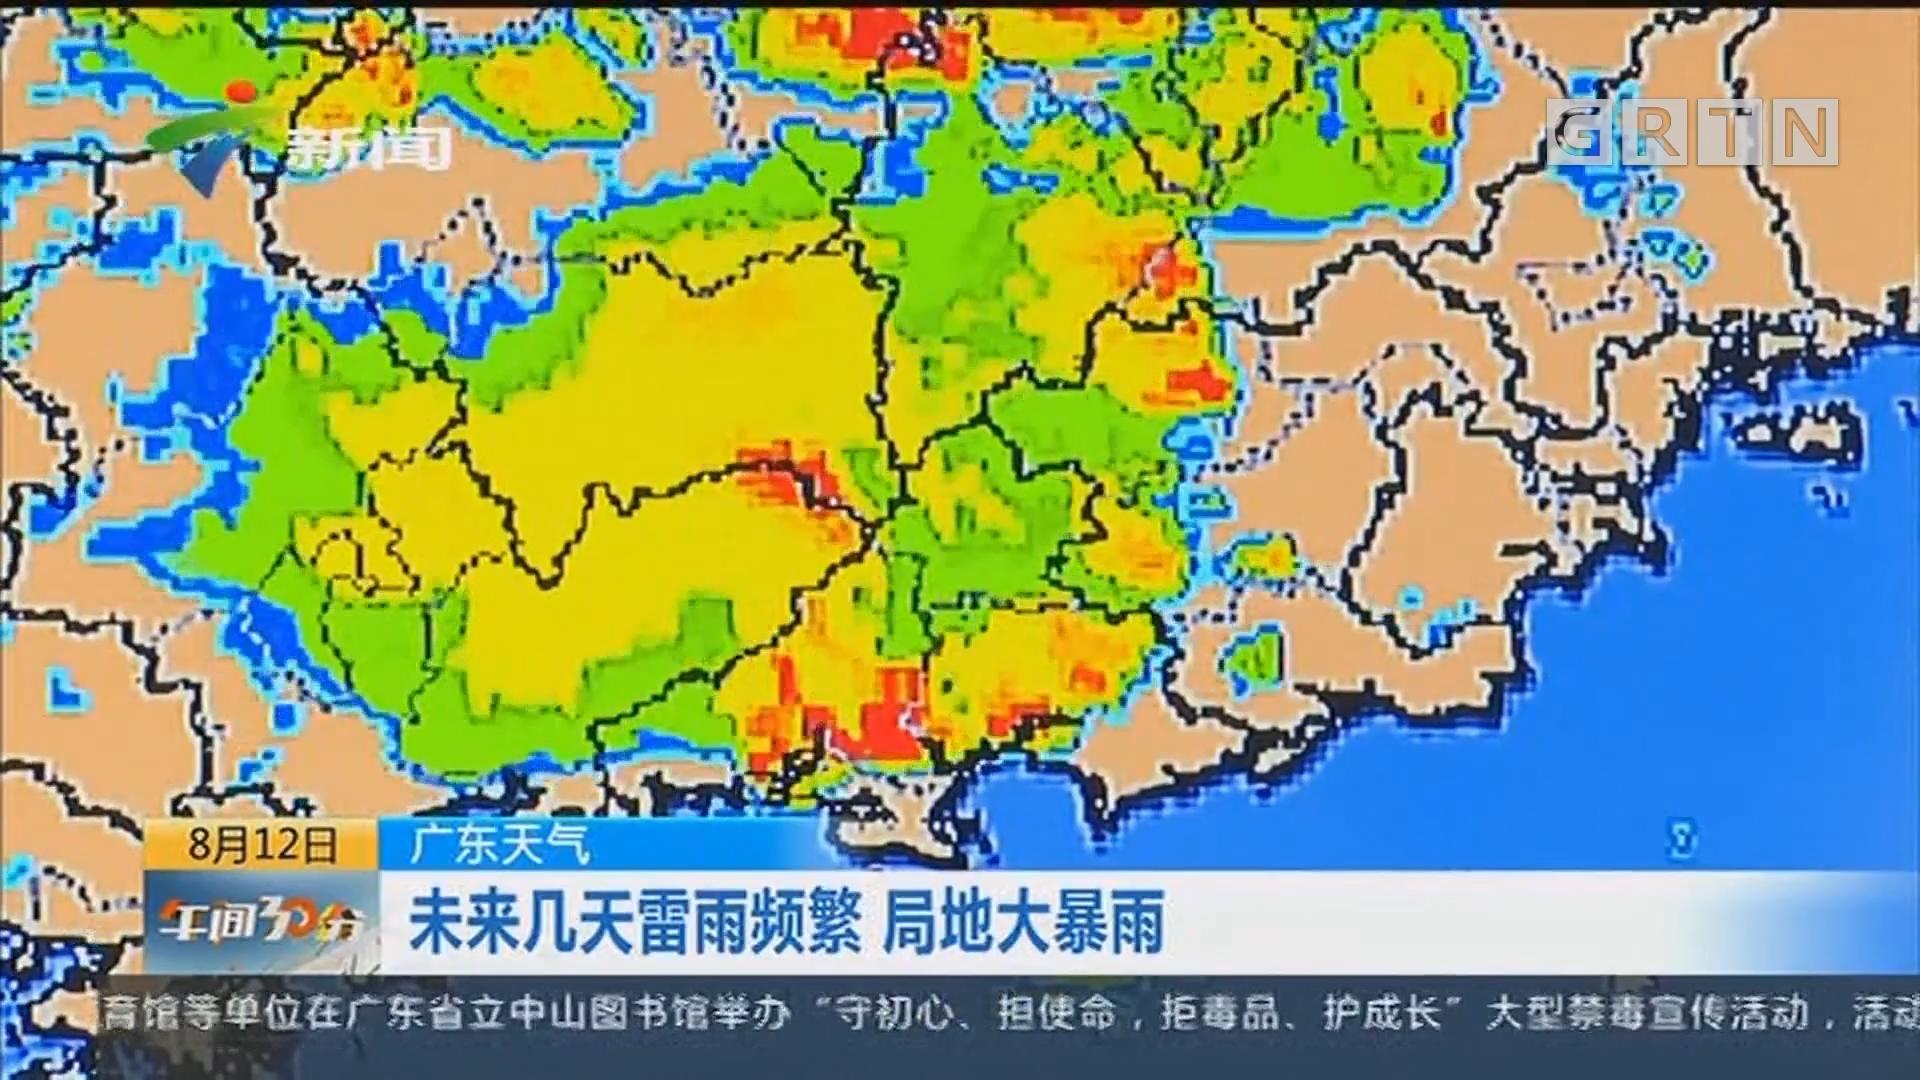 广东天气:未来几天雷雨频繁 局地大暴雨